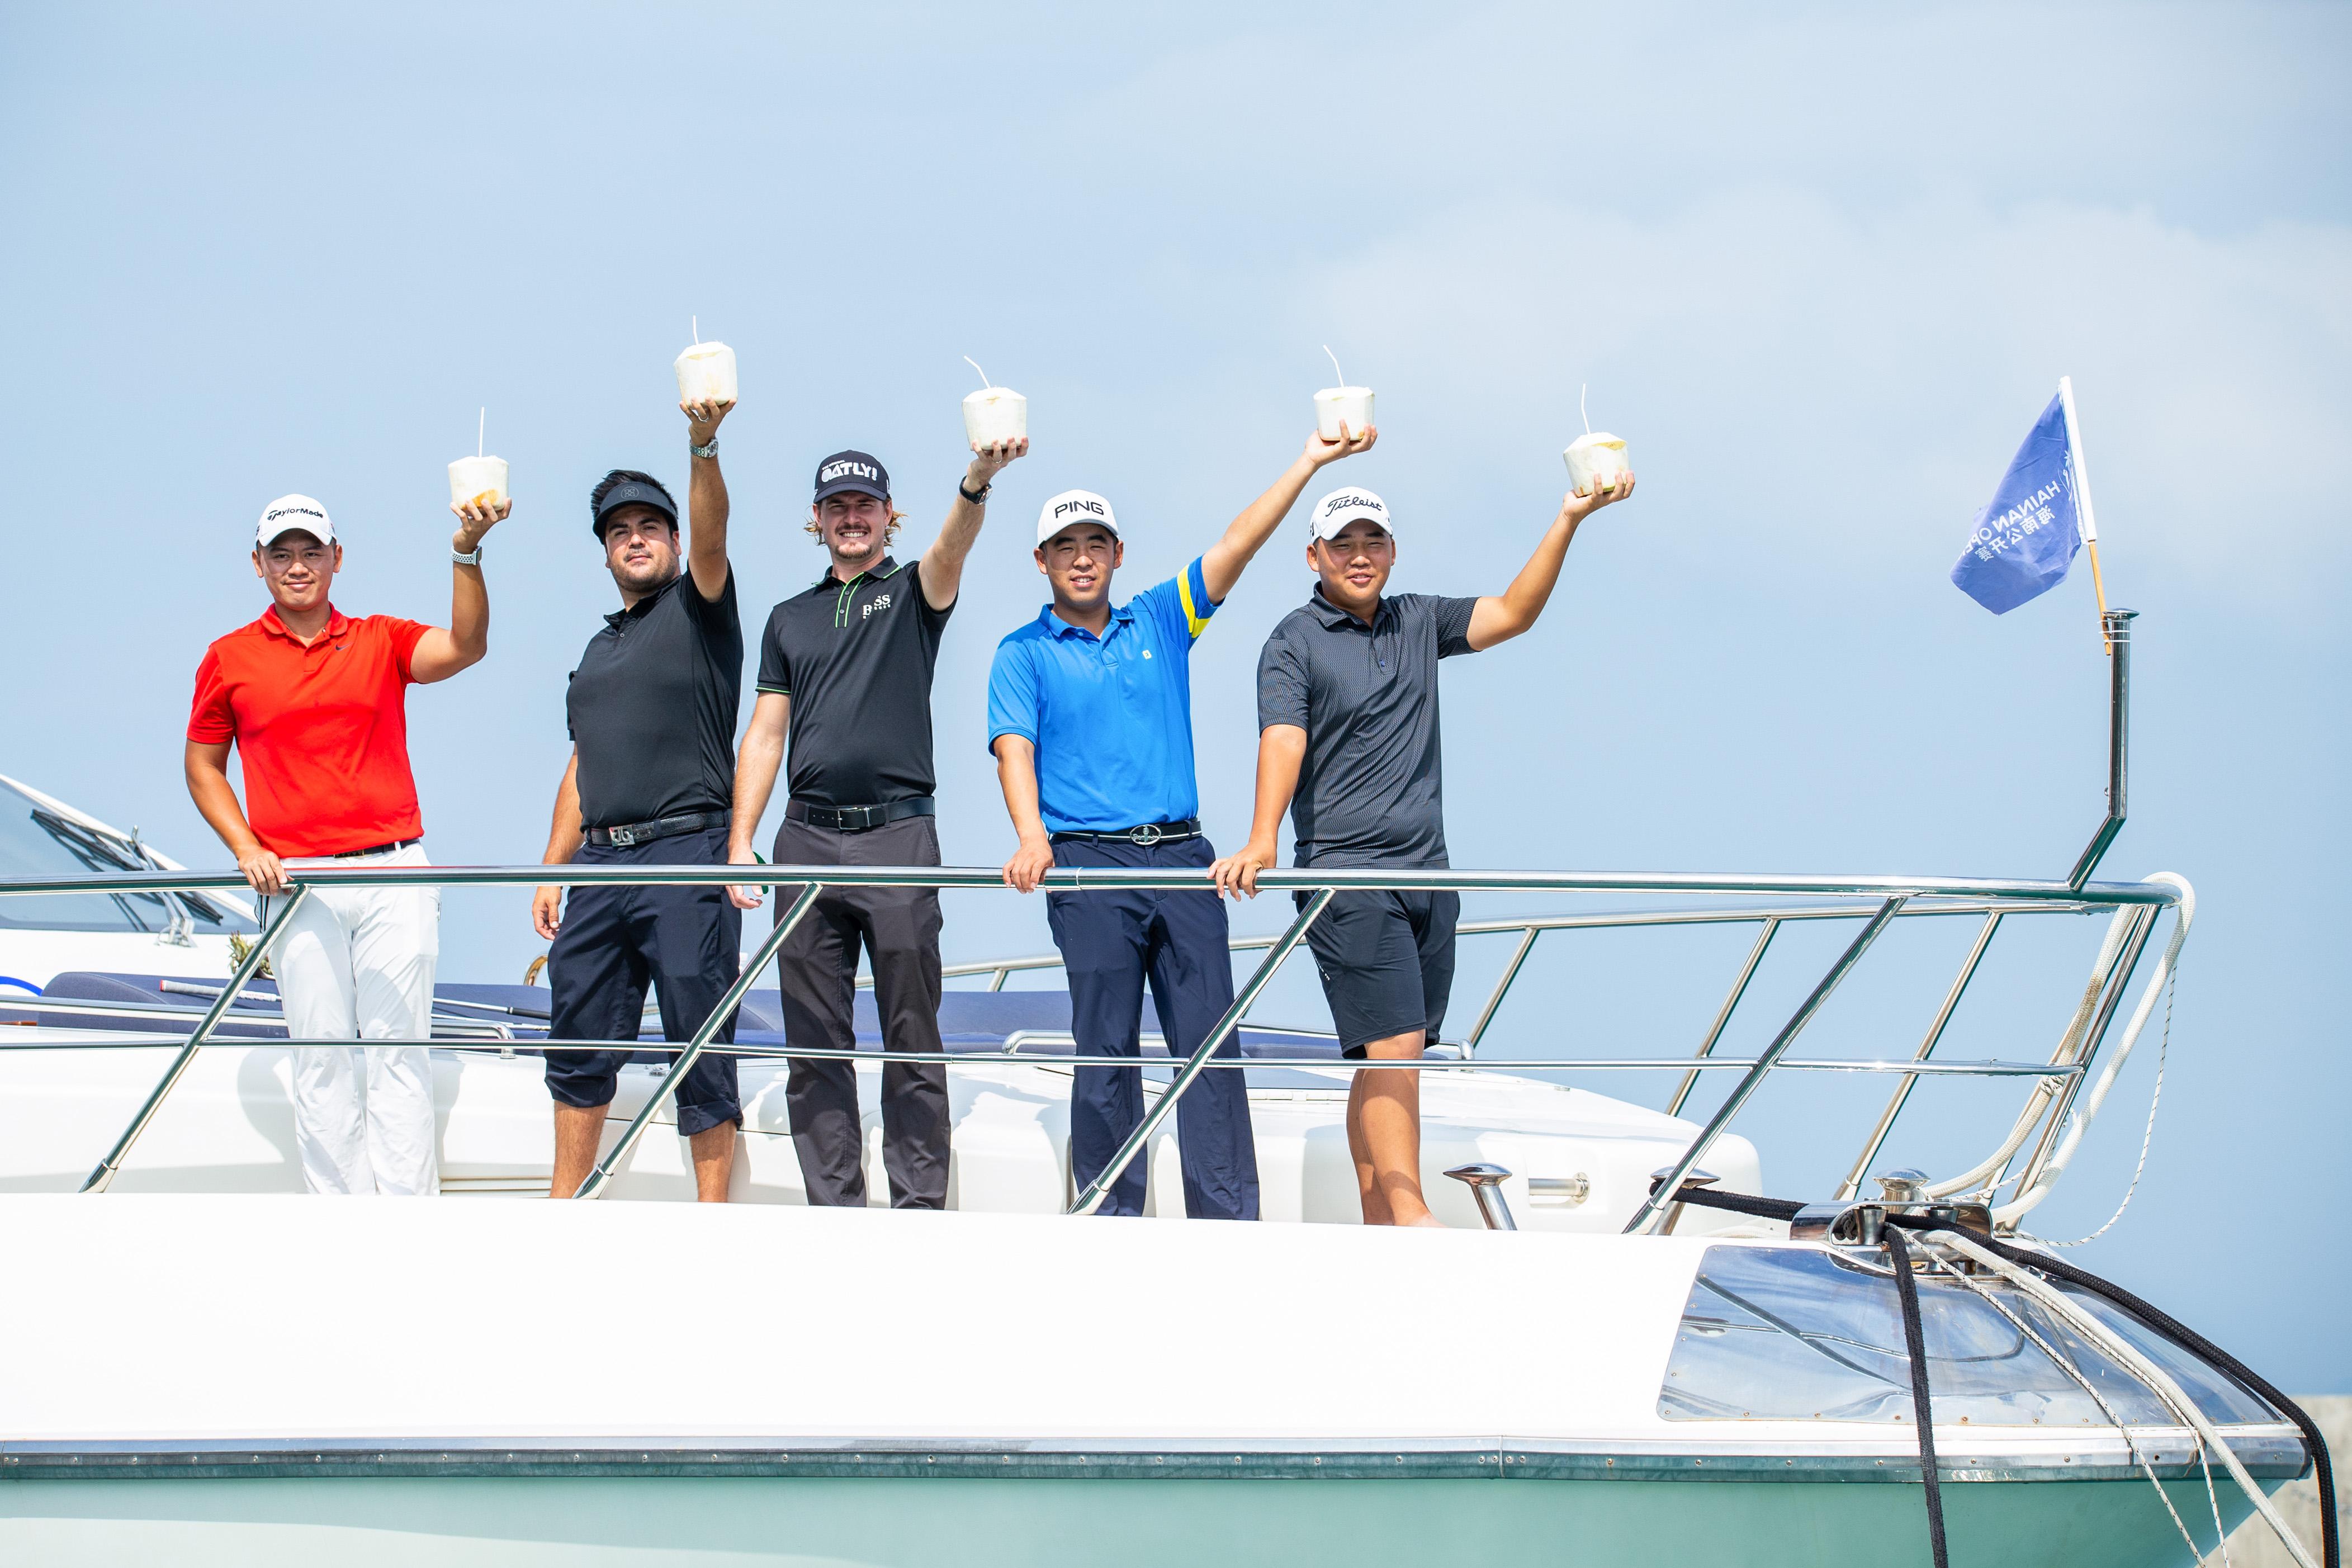 2019海南公开赛揭幕 赴一场山海为证的欧巡之约